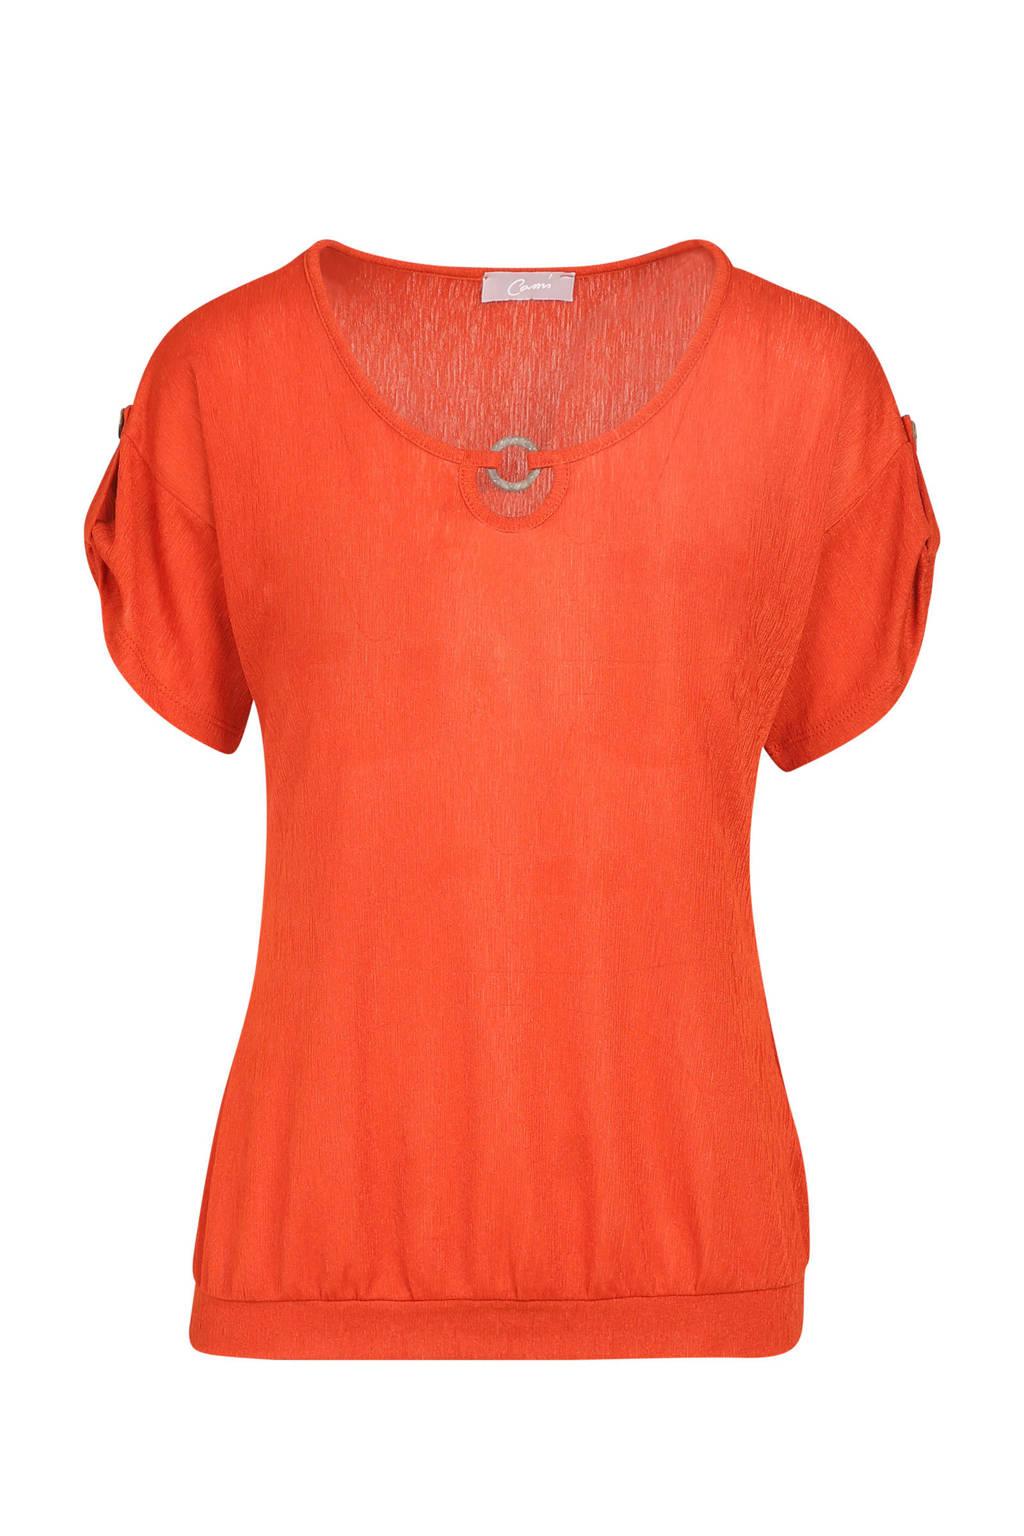 Cassis T-shirt met houten ring detail oranje, Oranje